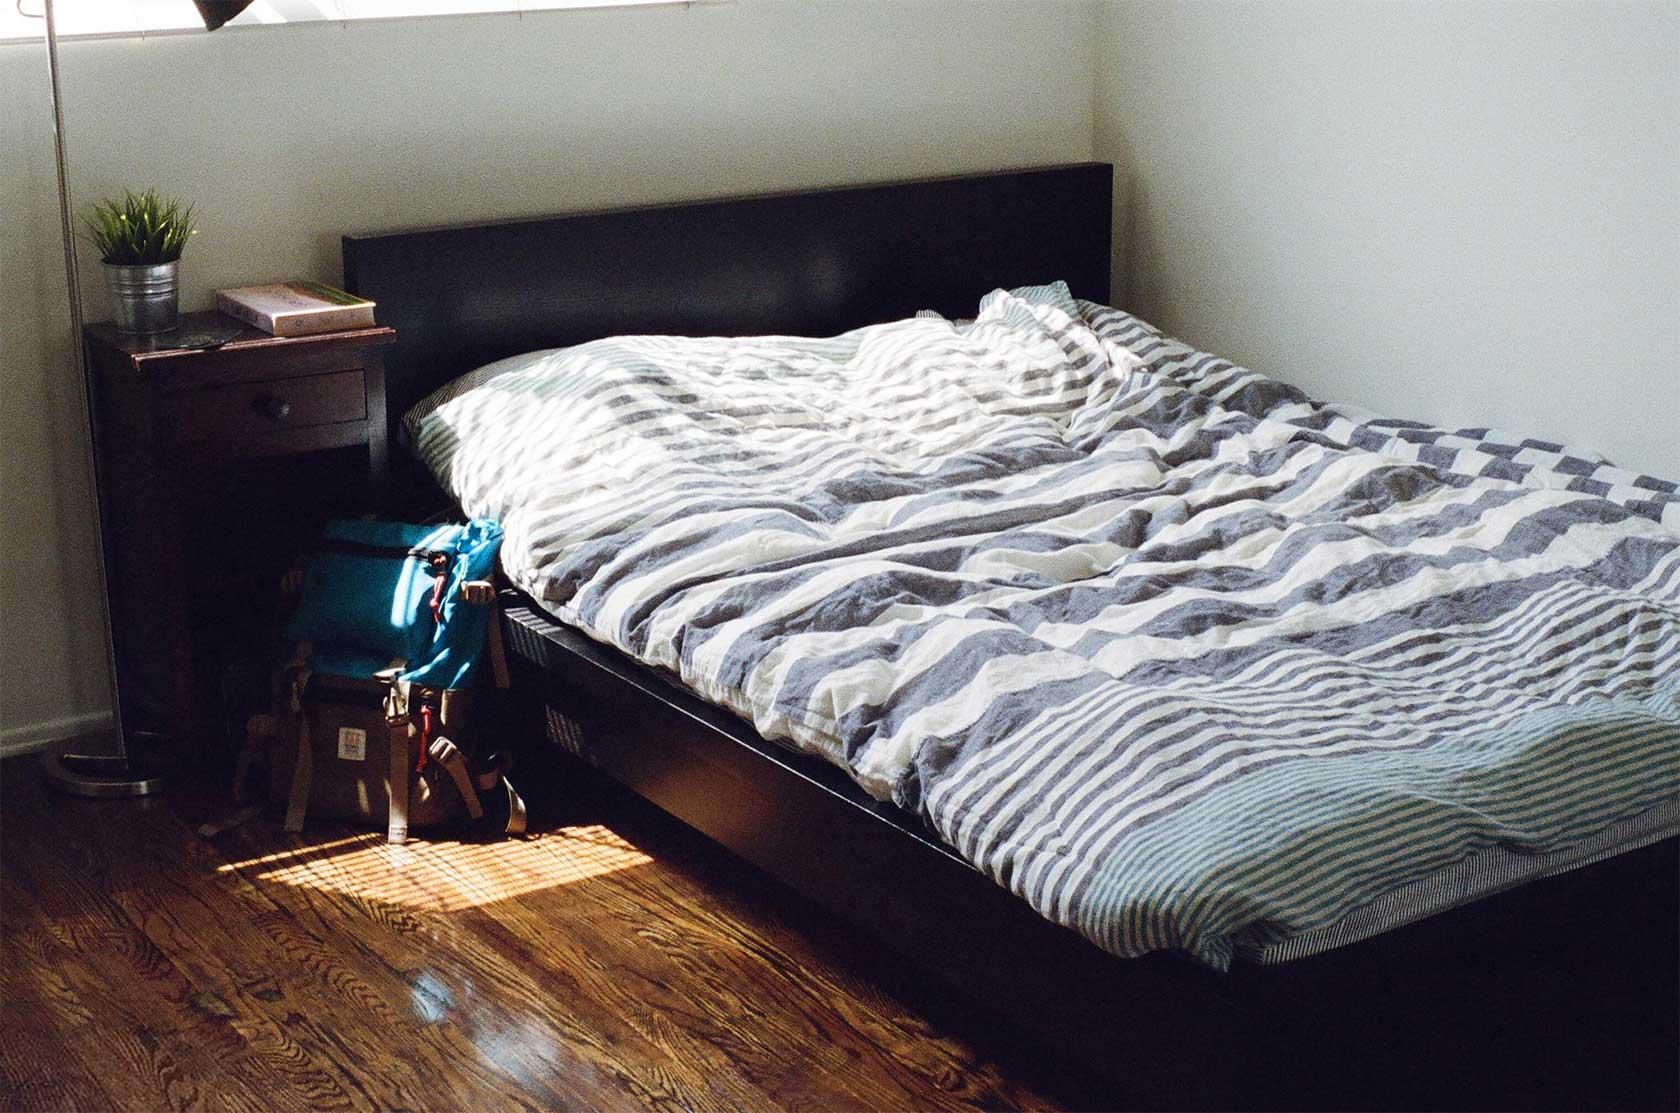 Bamboo Bed Sheet